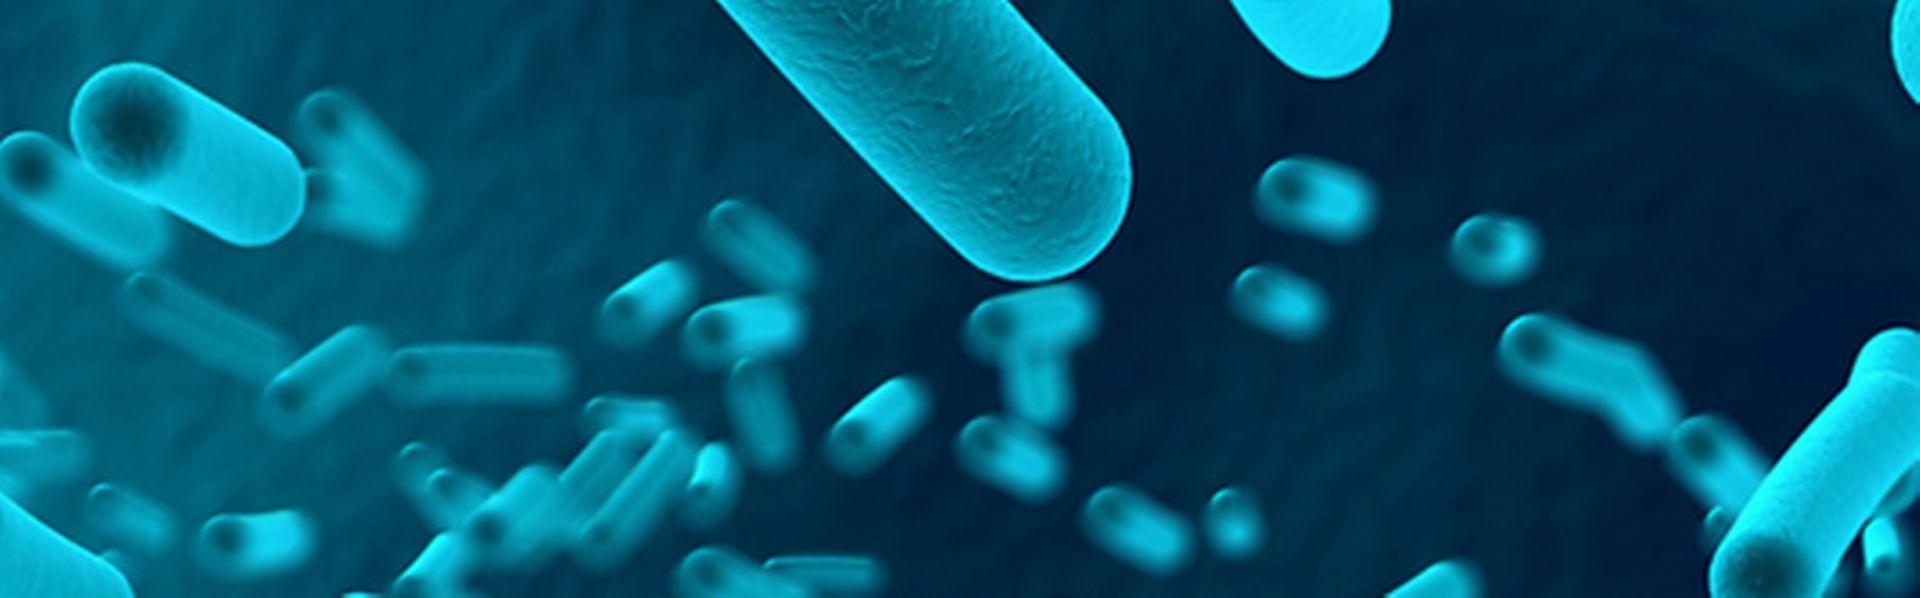 Accroche microbes [martanfoto - © Fotolia]